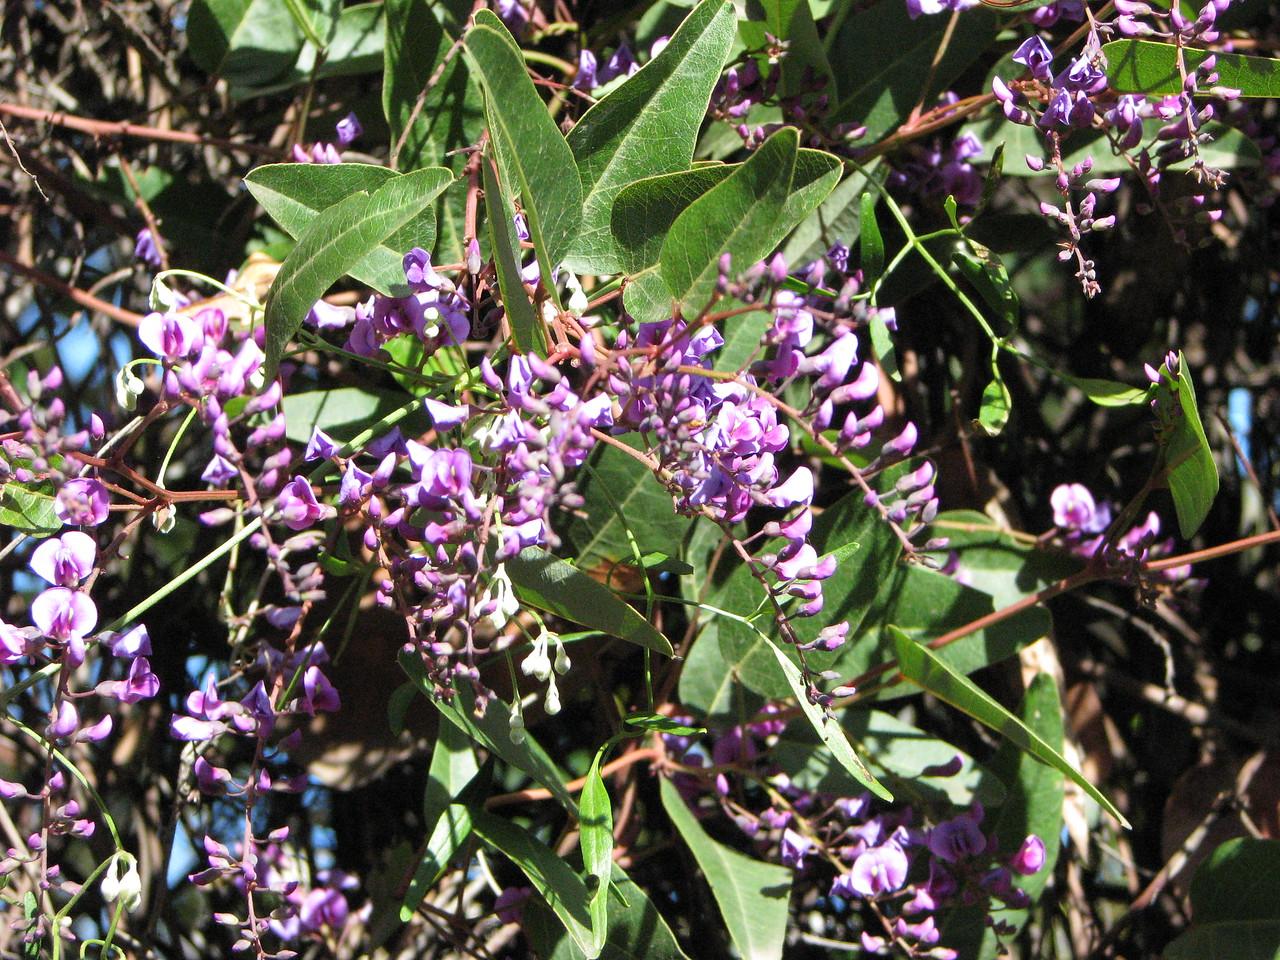 Hardenbergia violaceae / False Sarsparilla